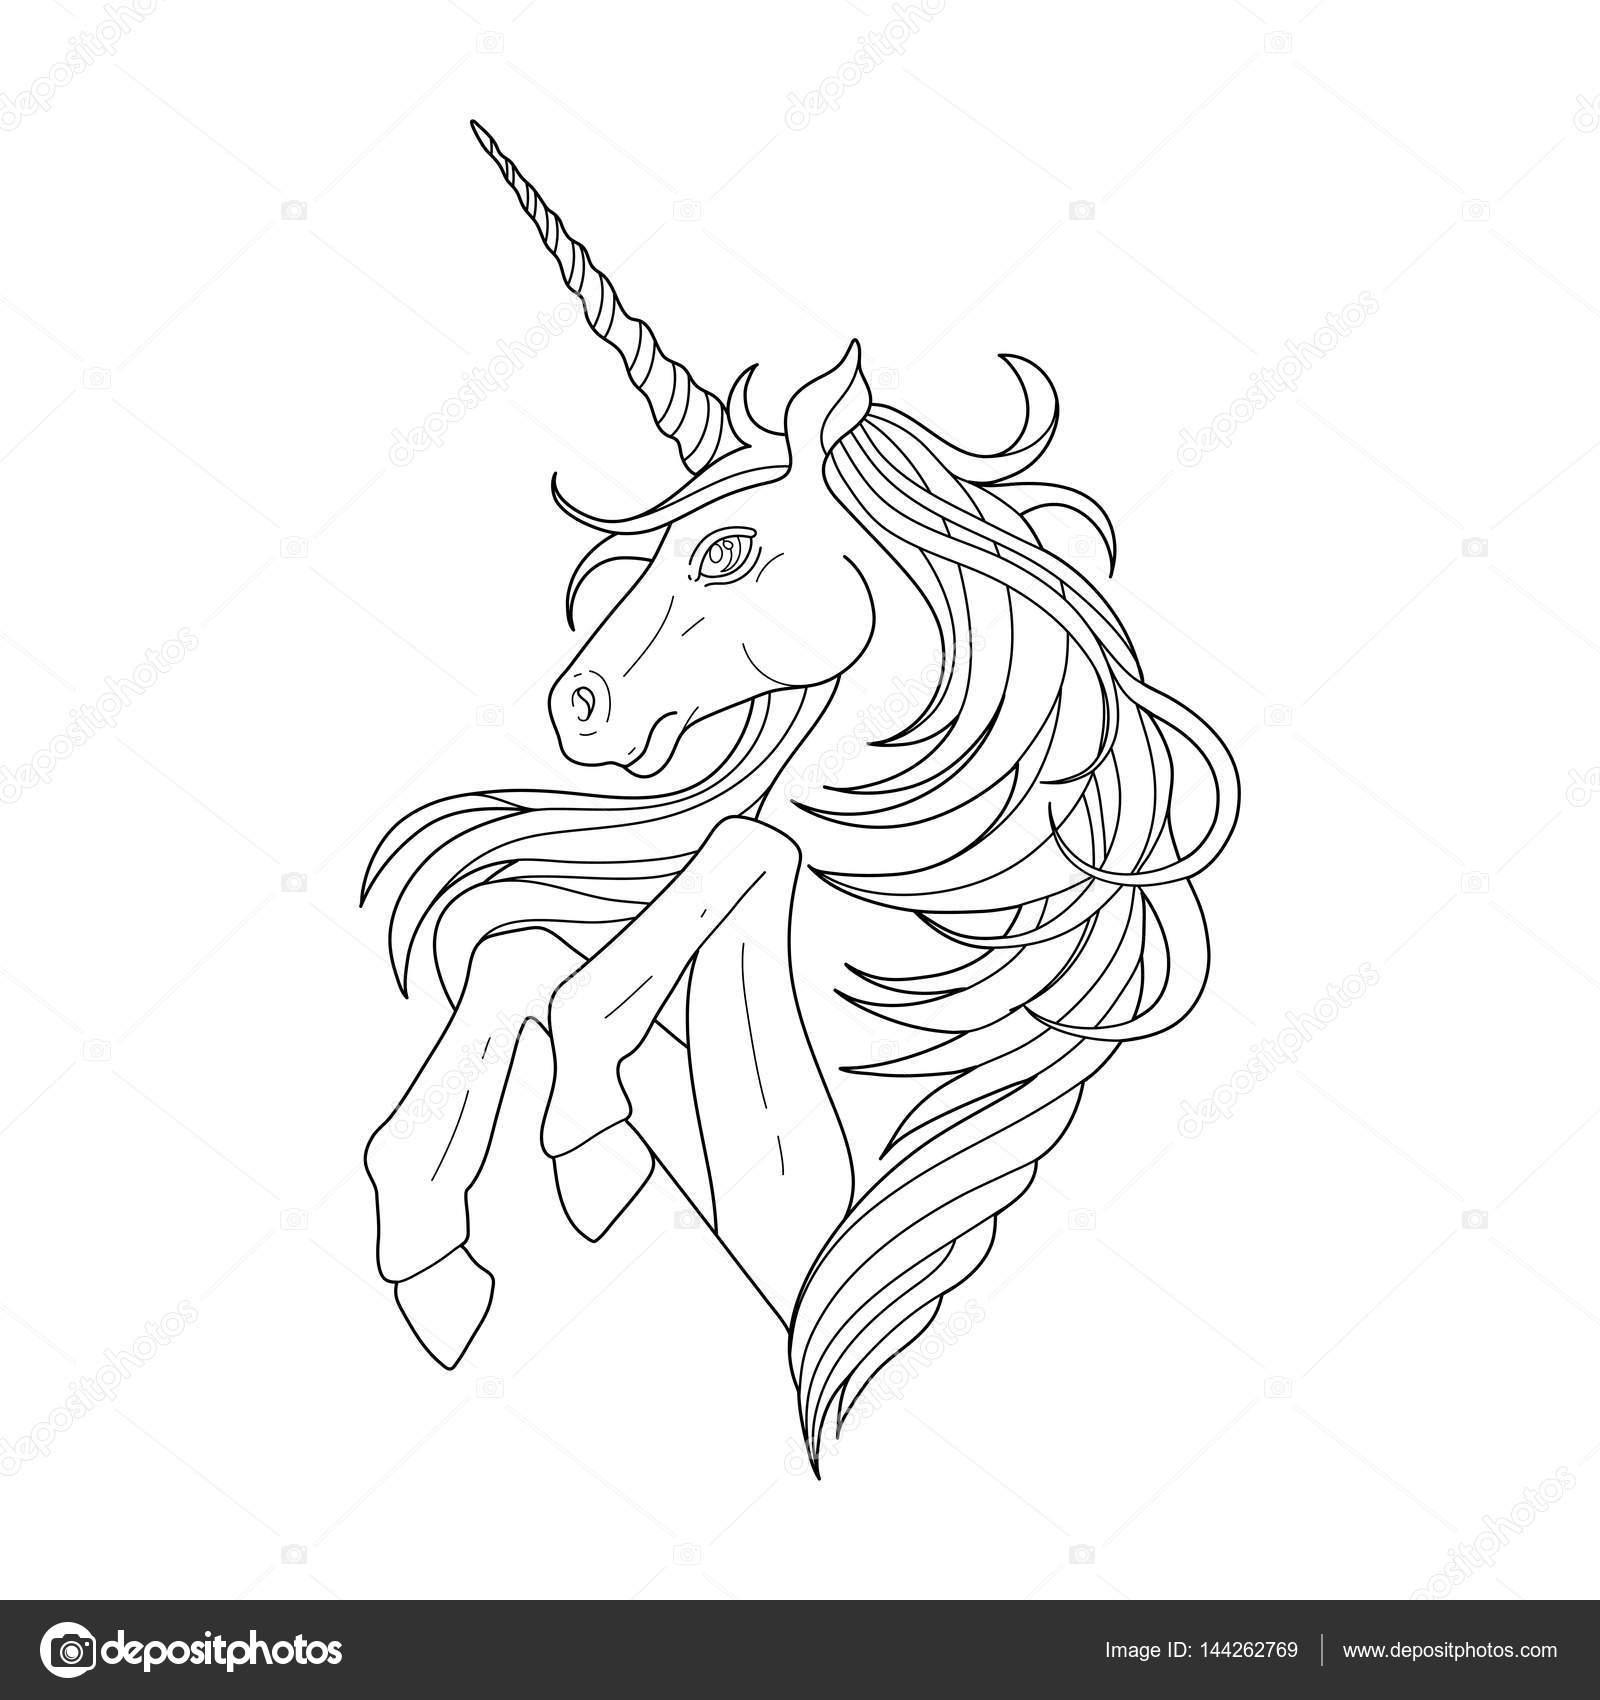 Lindo unicornio gráfico — Archivo Imágenes Vectoriales ...